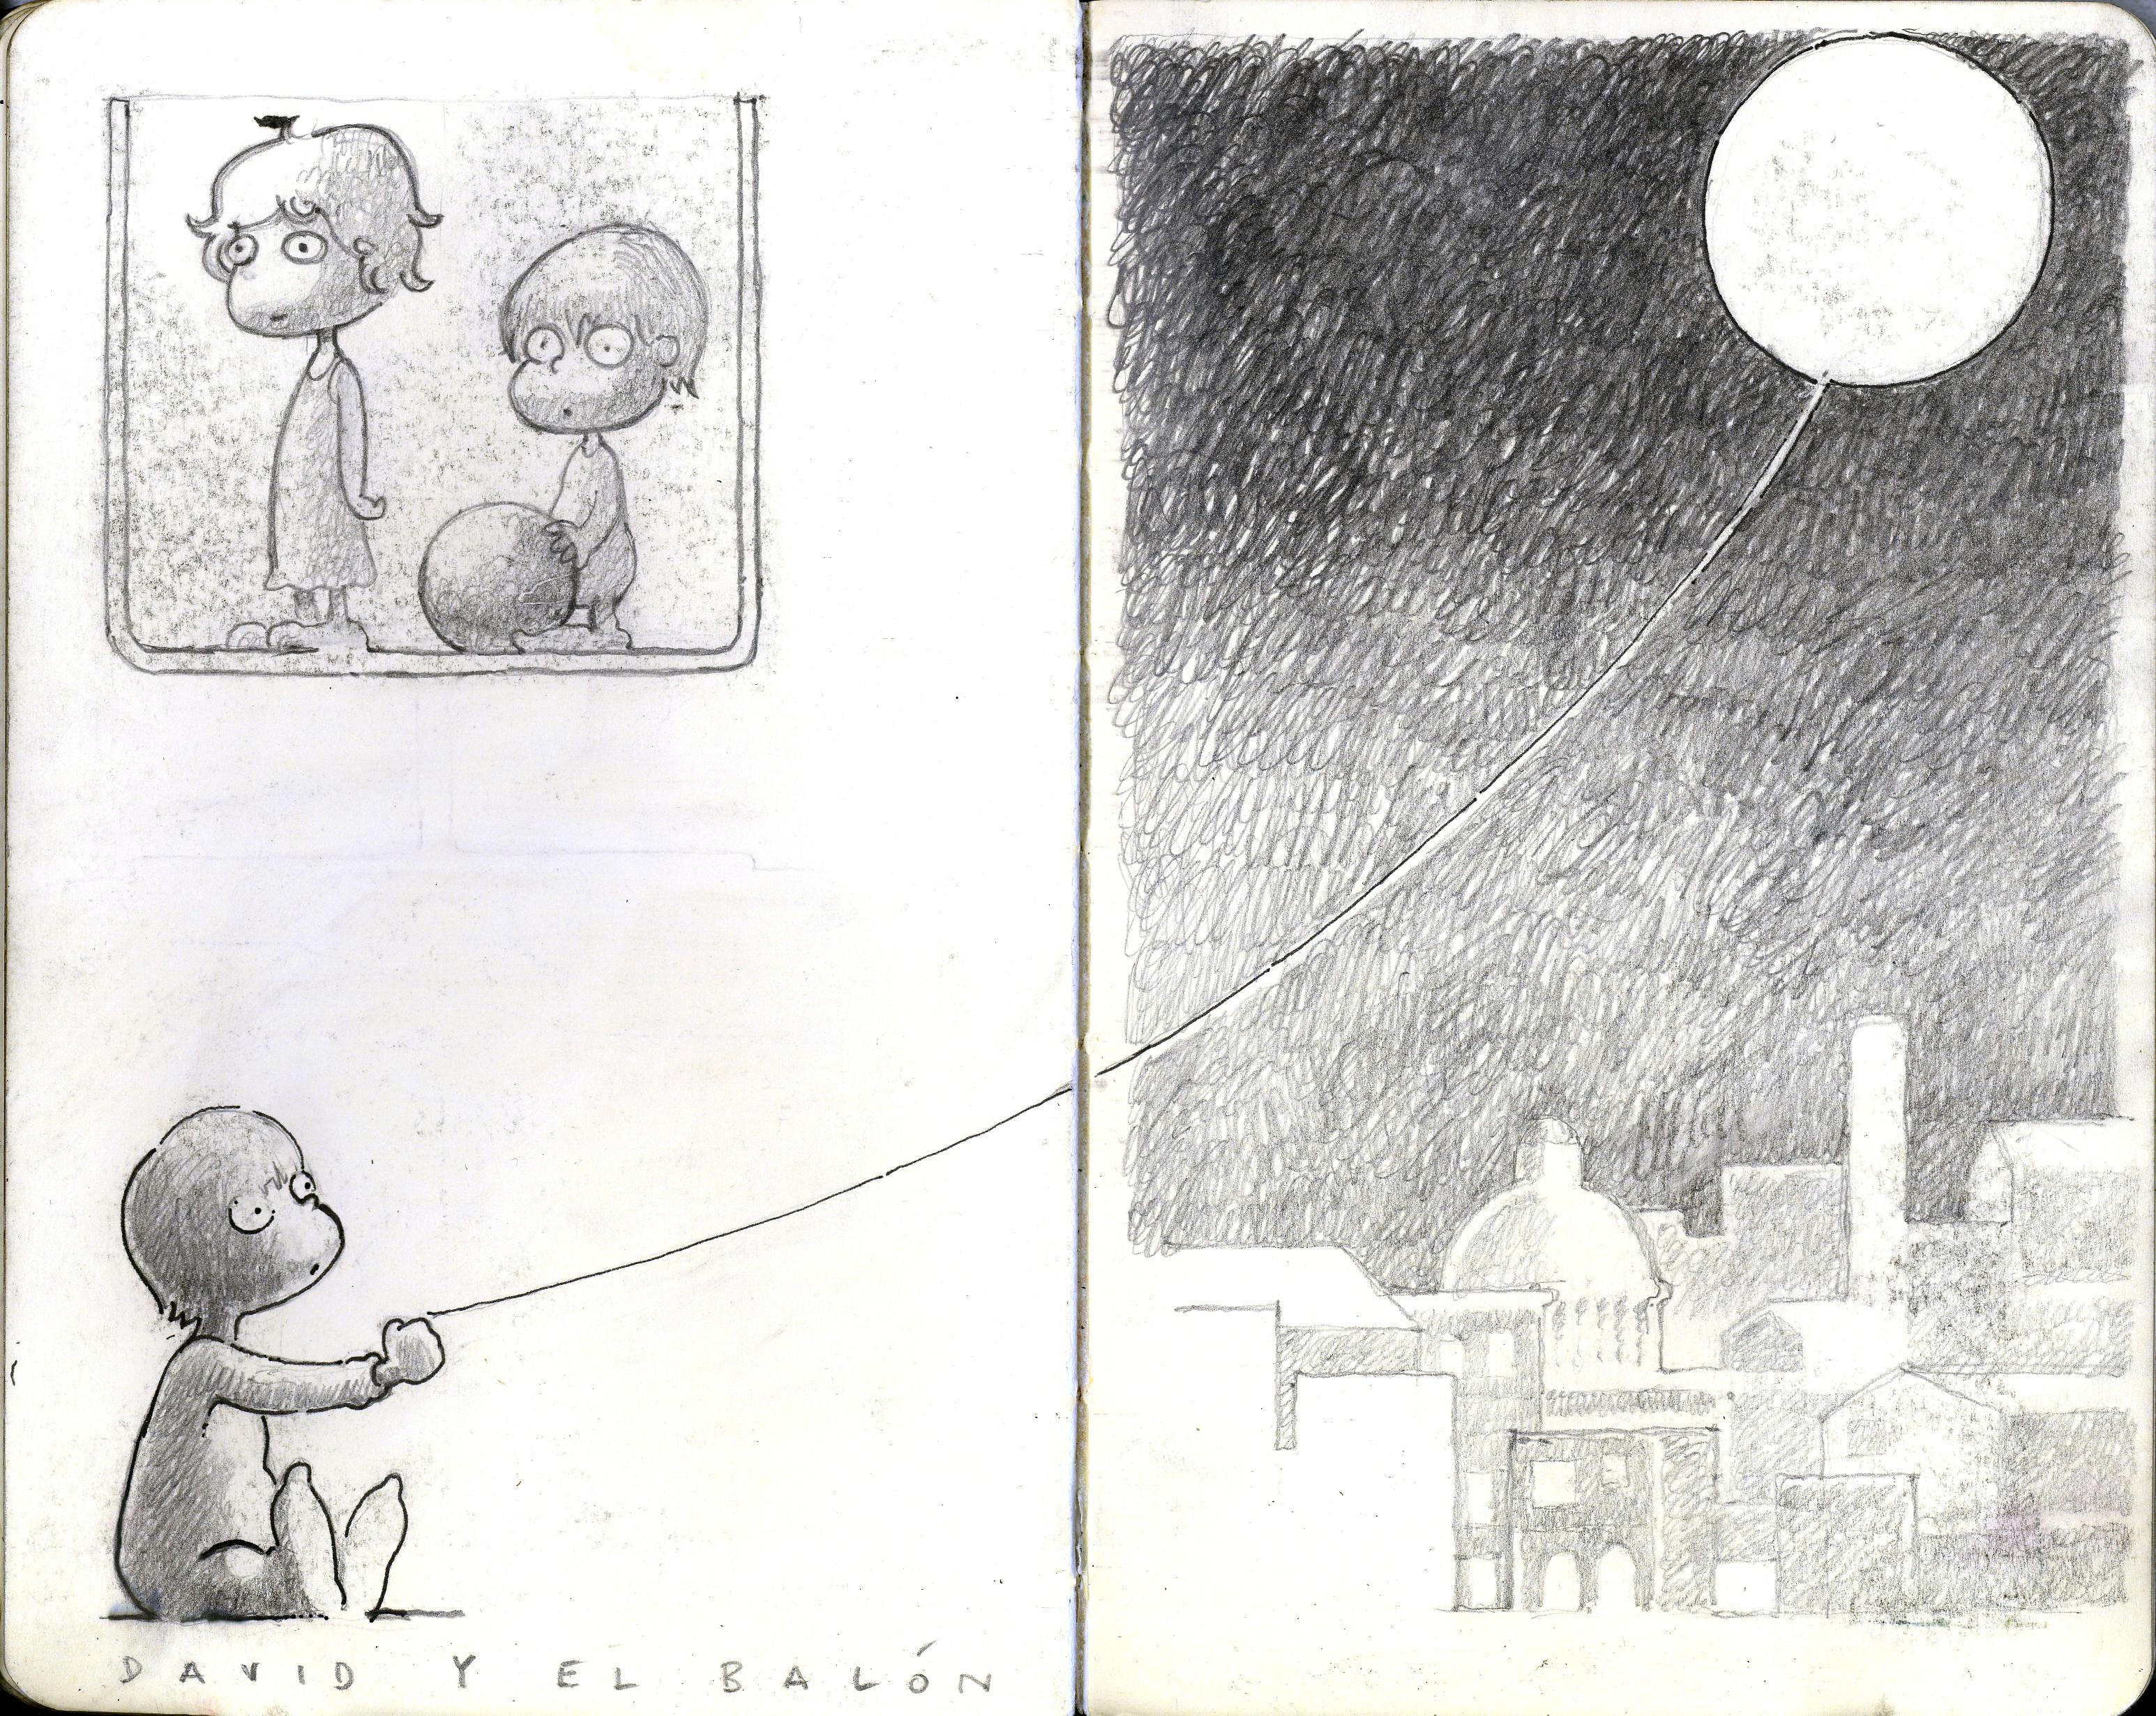 David+baloon